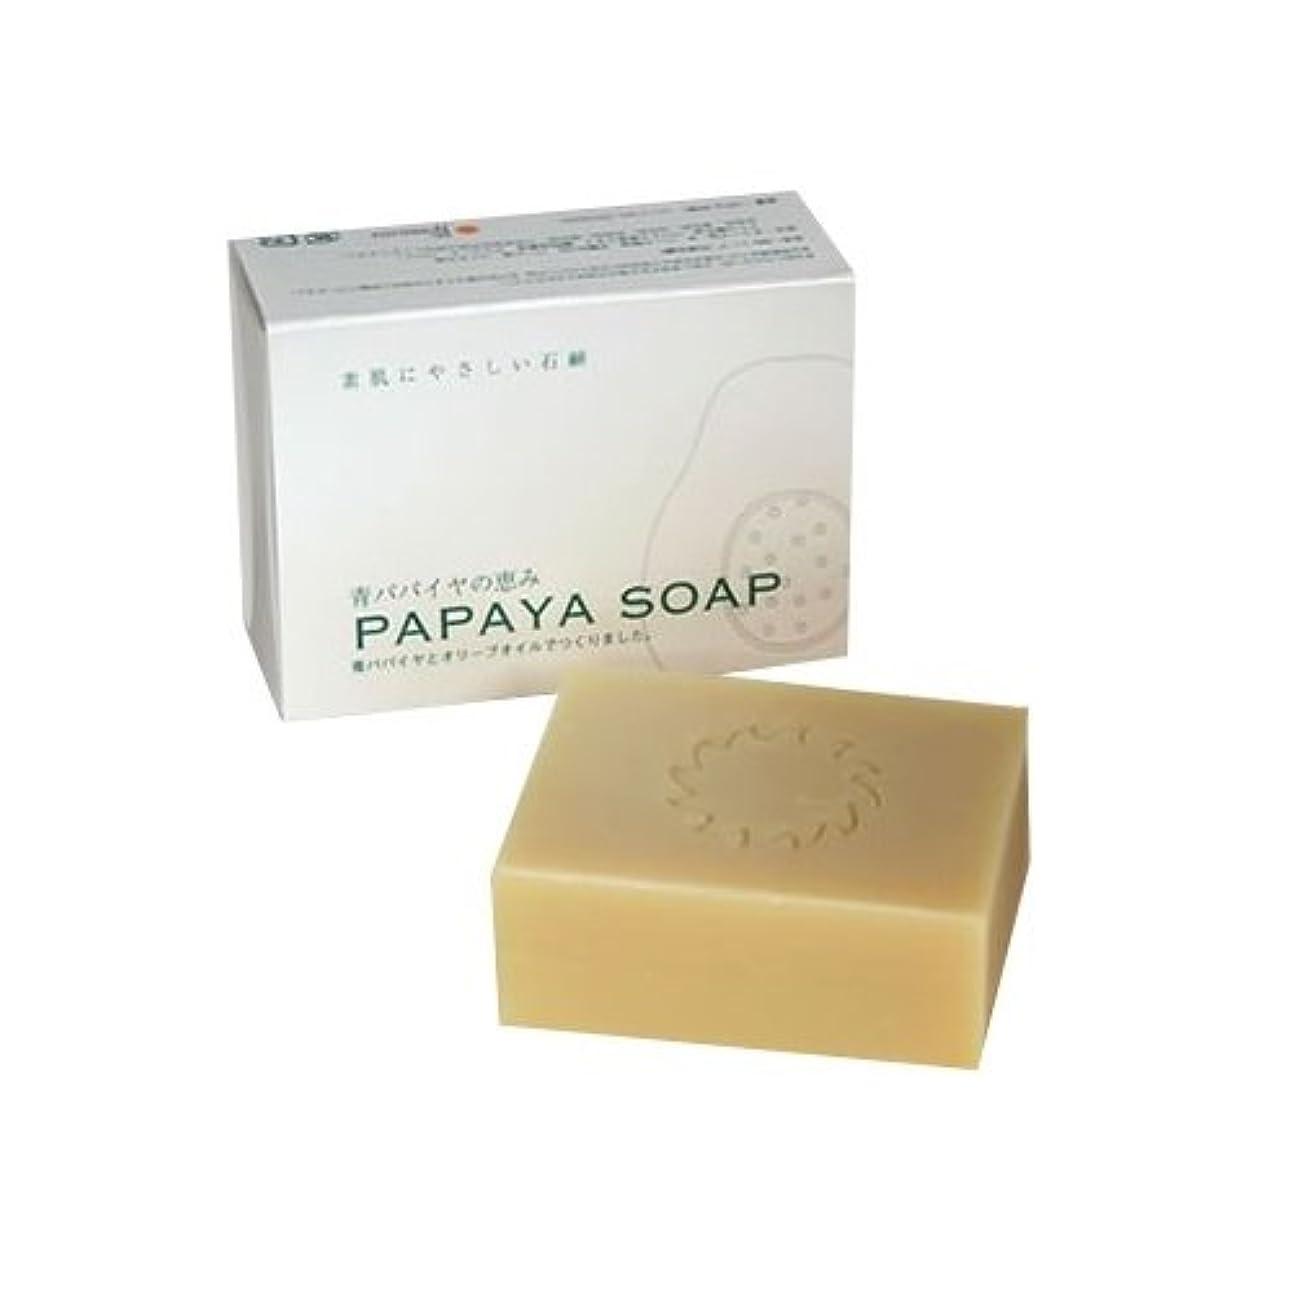 窓を洗うオリエンタル悲鳴青パパイヤの恵み PAPAYA SOAP(パパイヤソープ) 100g